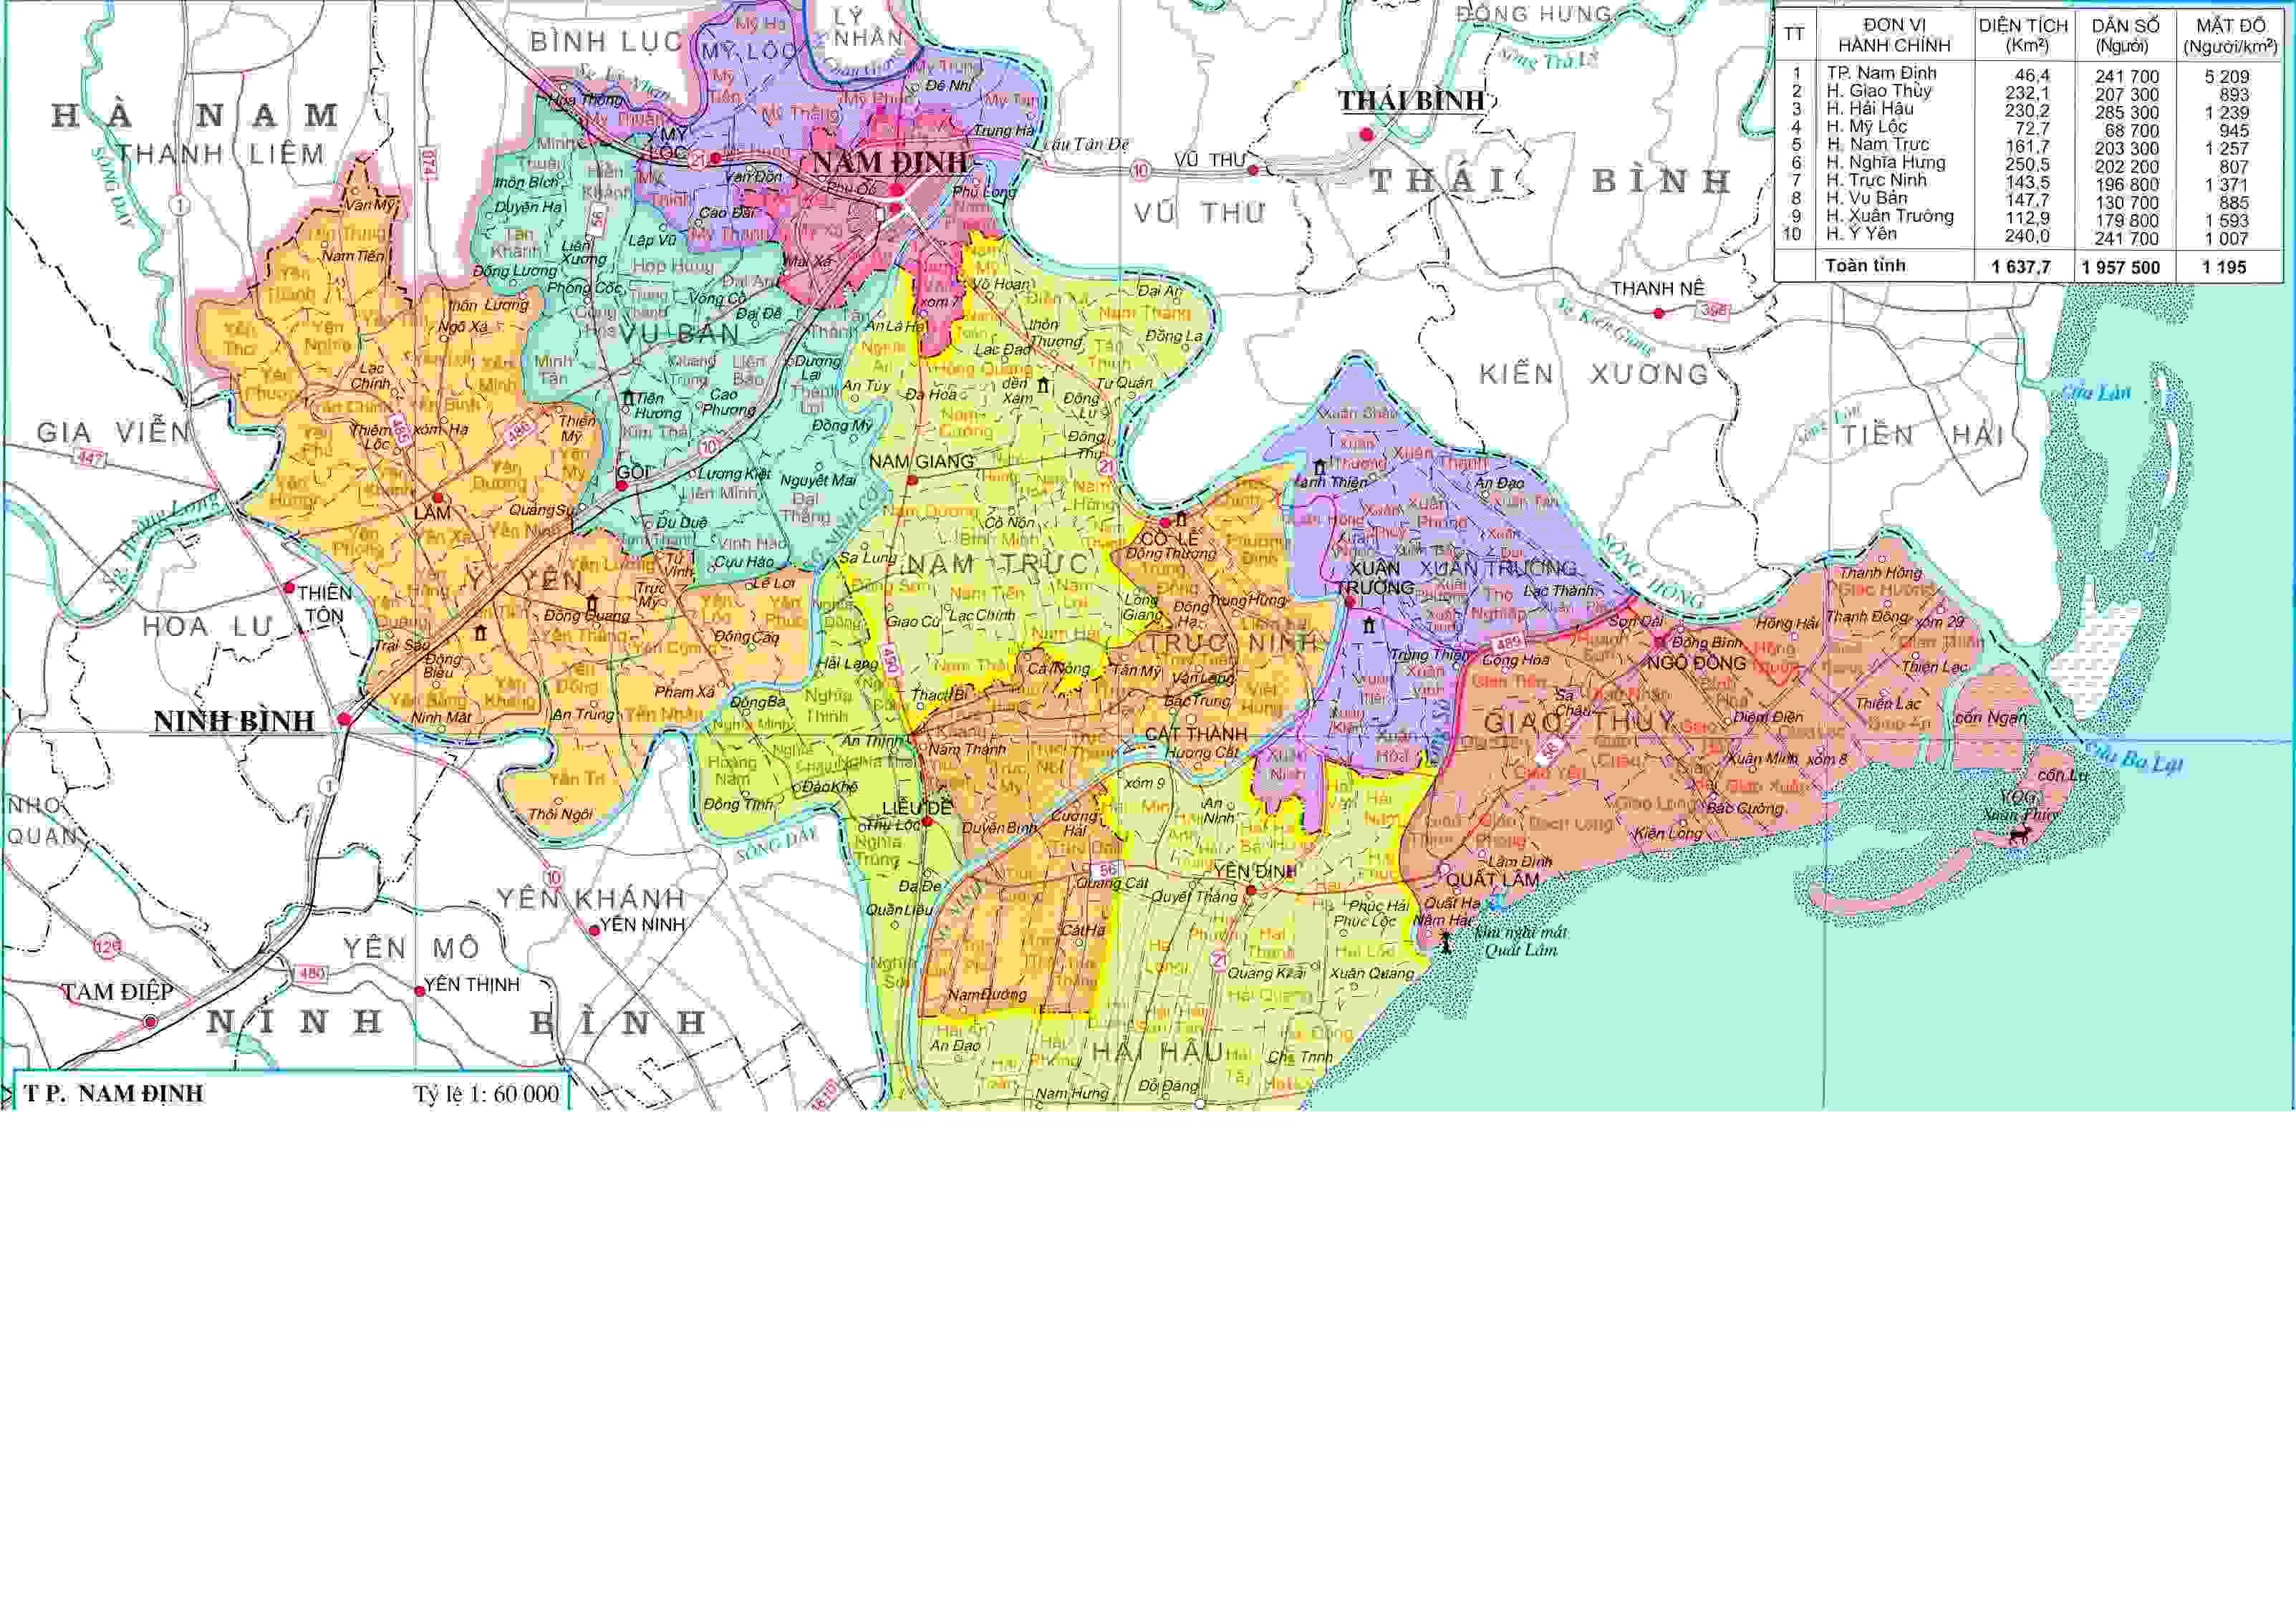 Bản đồ hành chính Nam Định khổ lớn